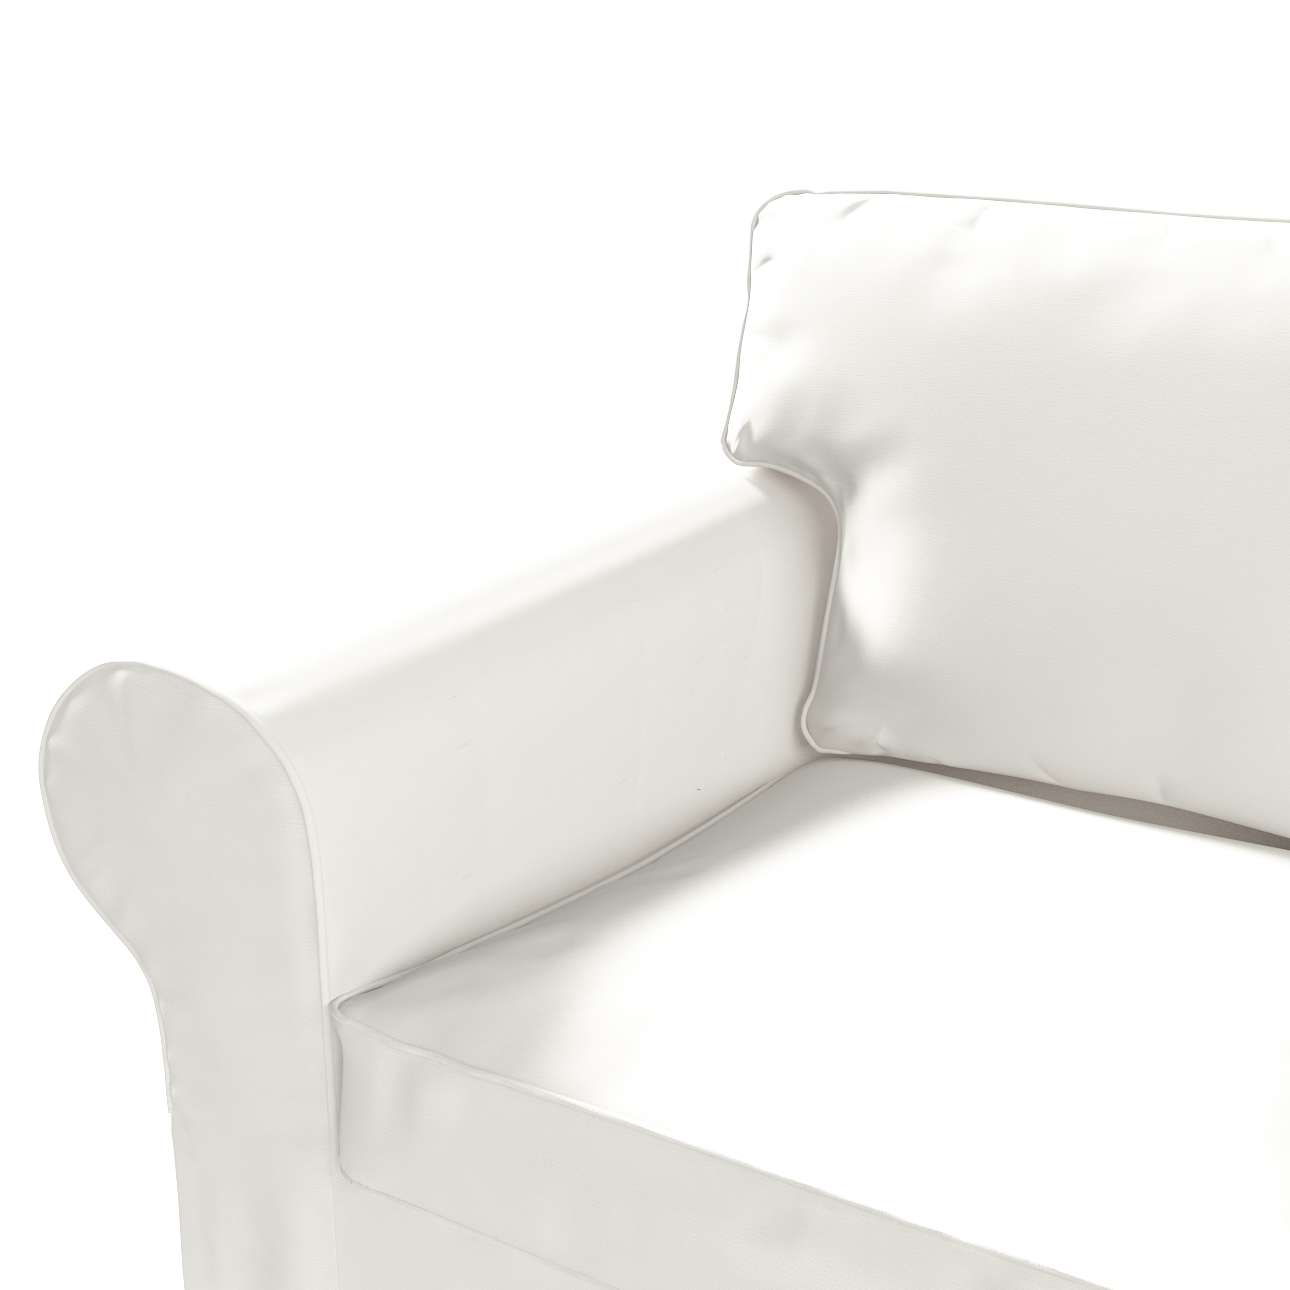 Pokrowiec na sofę Ektorp 2-osobową rozkładaną, model po 2012 w kolekcji Cotton Panama, tkanina: 702-34